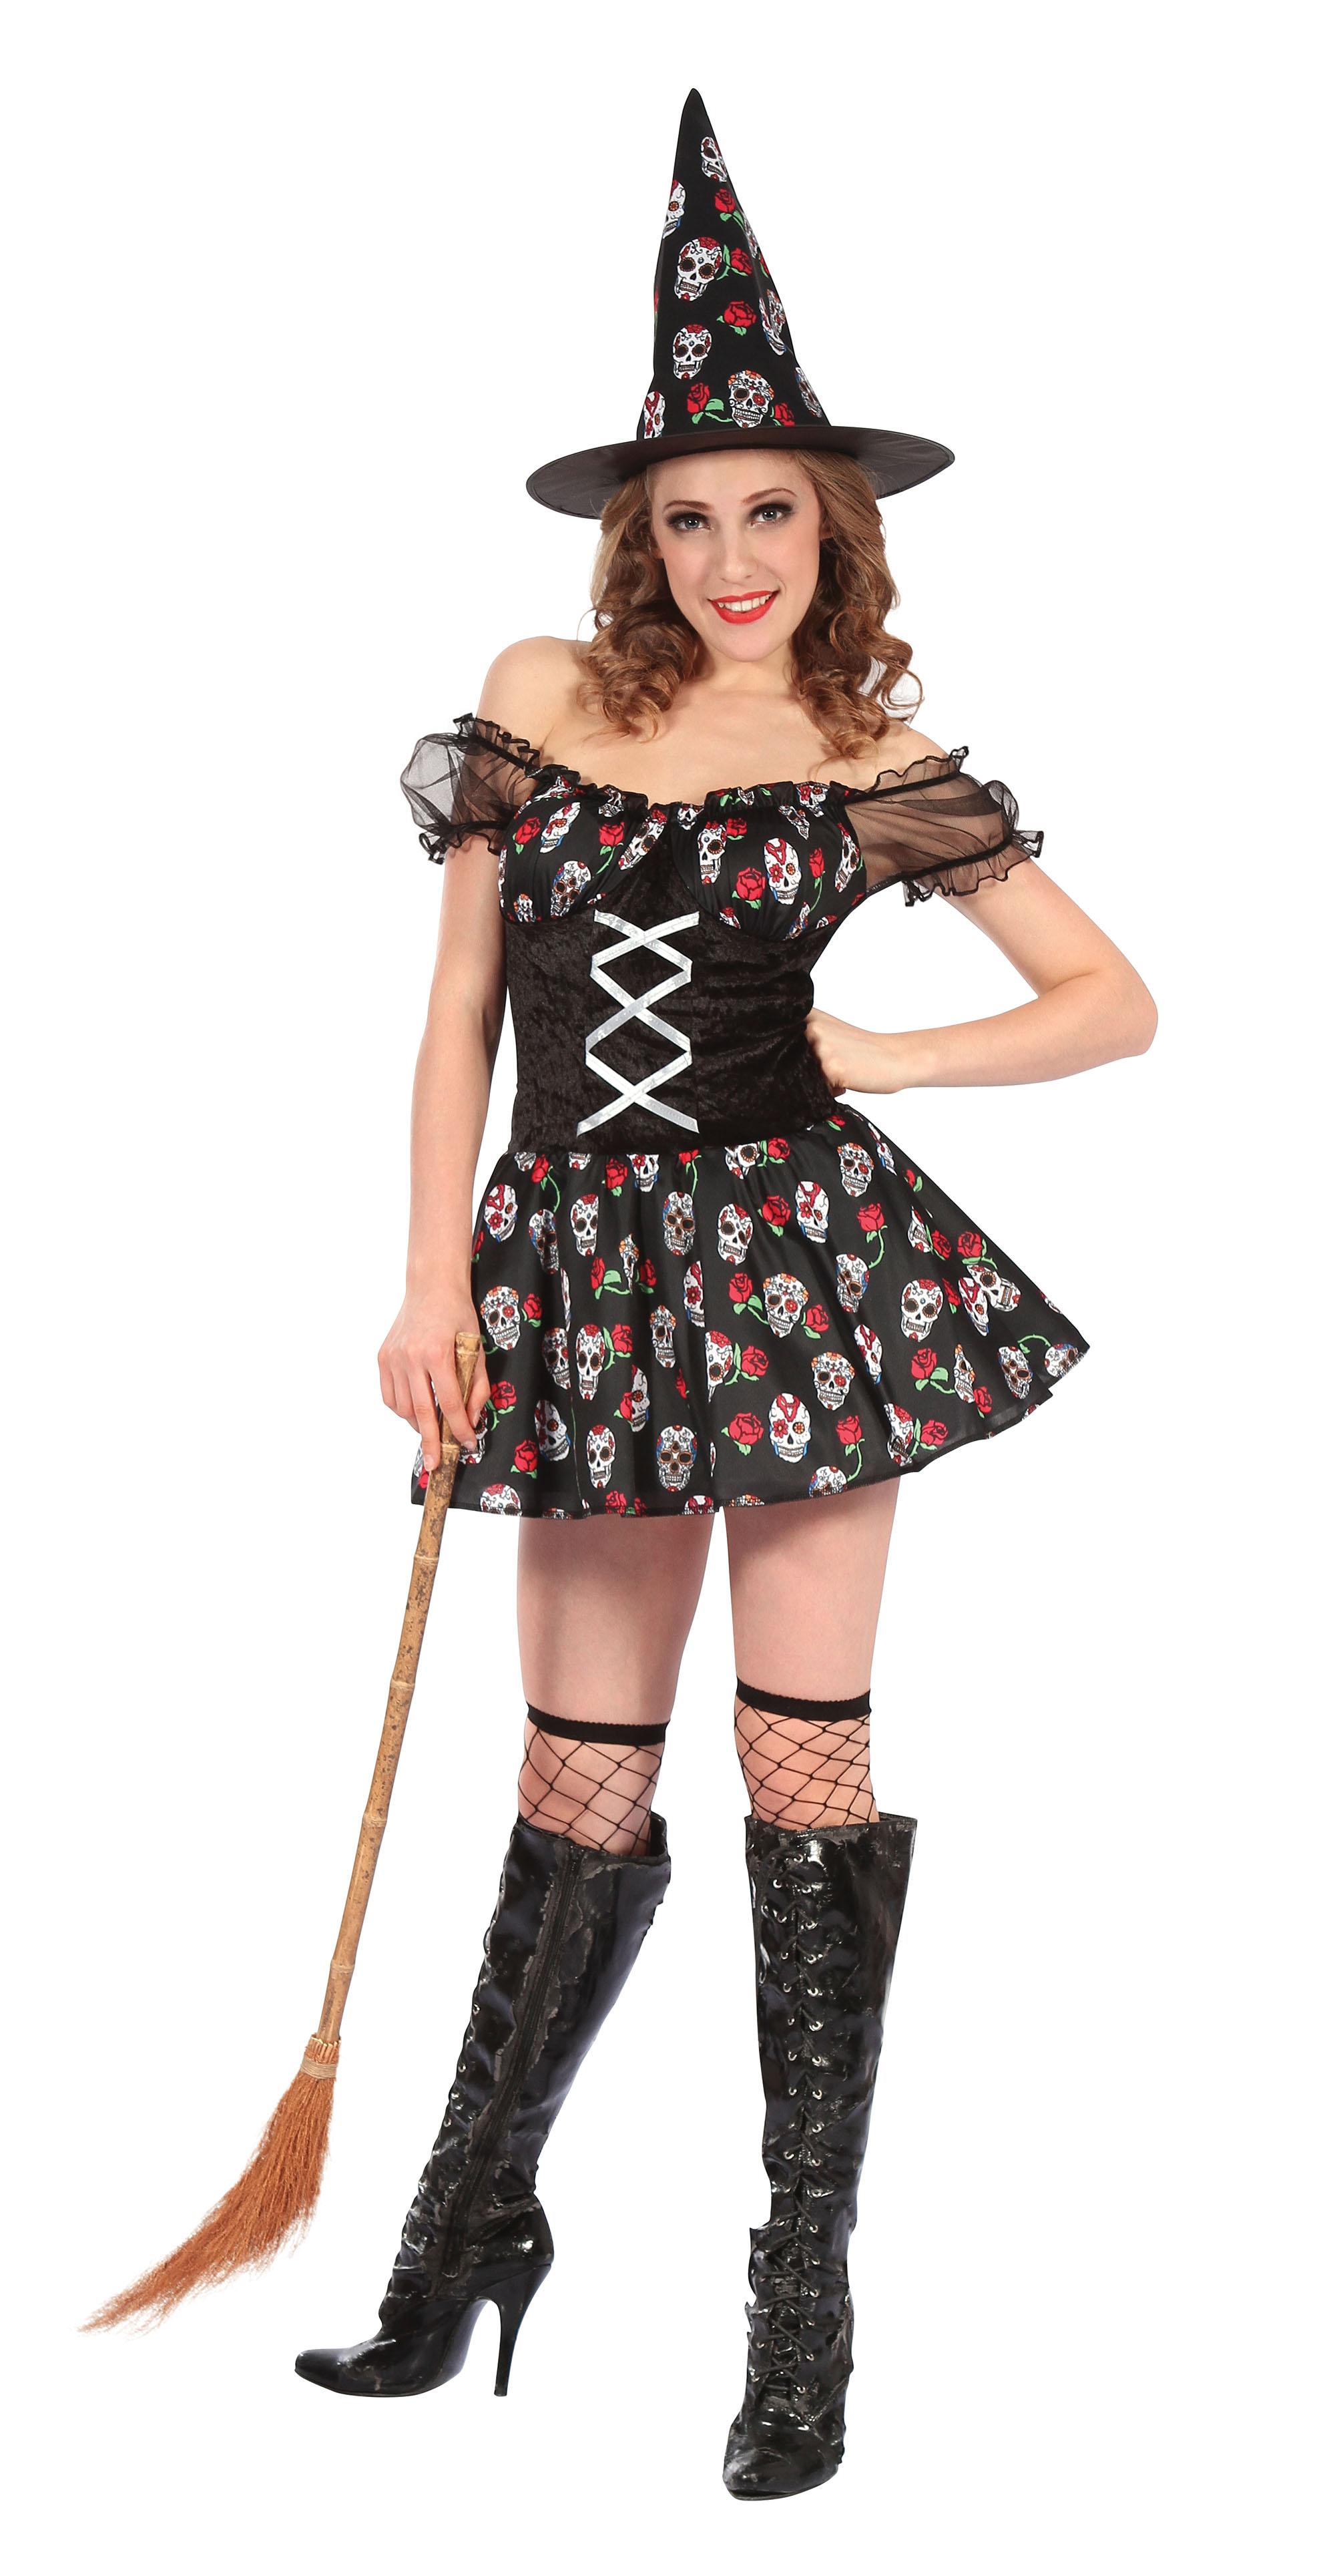 Хэллоуин  Всё для Halloween  интернетмагазин Патибум